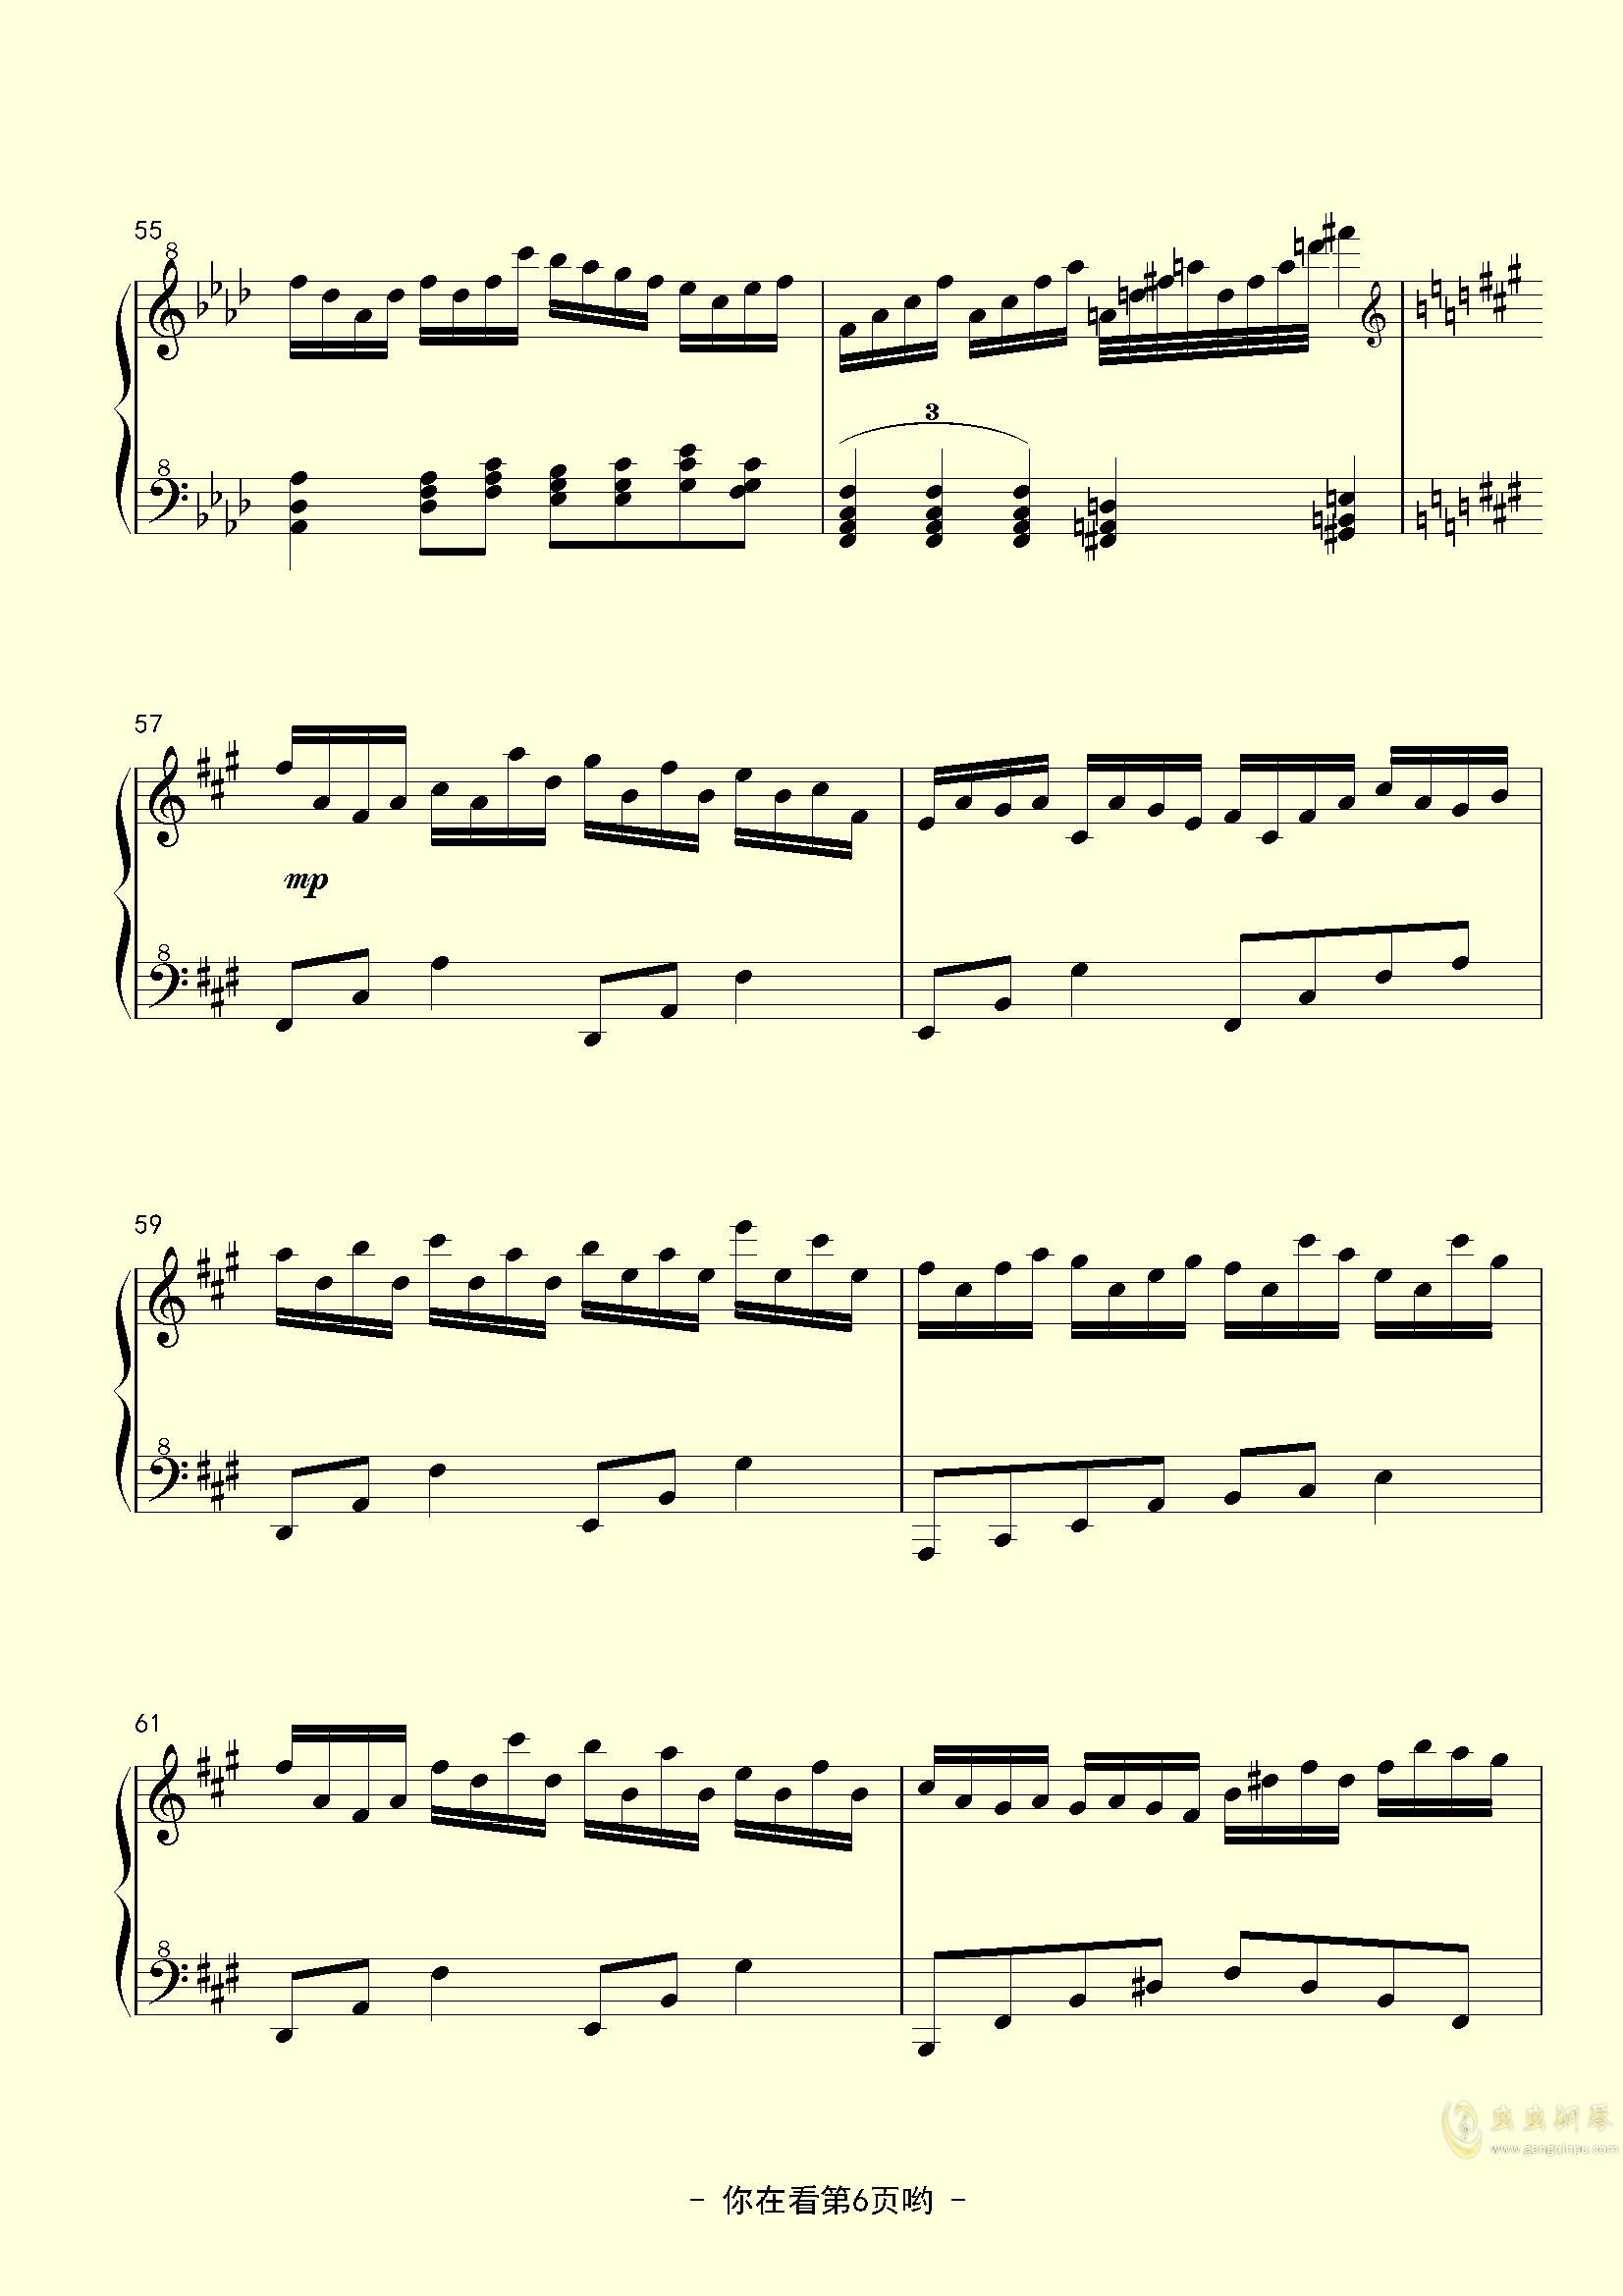 极品钢琴の回忆史钢琴谱 第6页